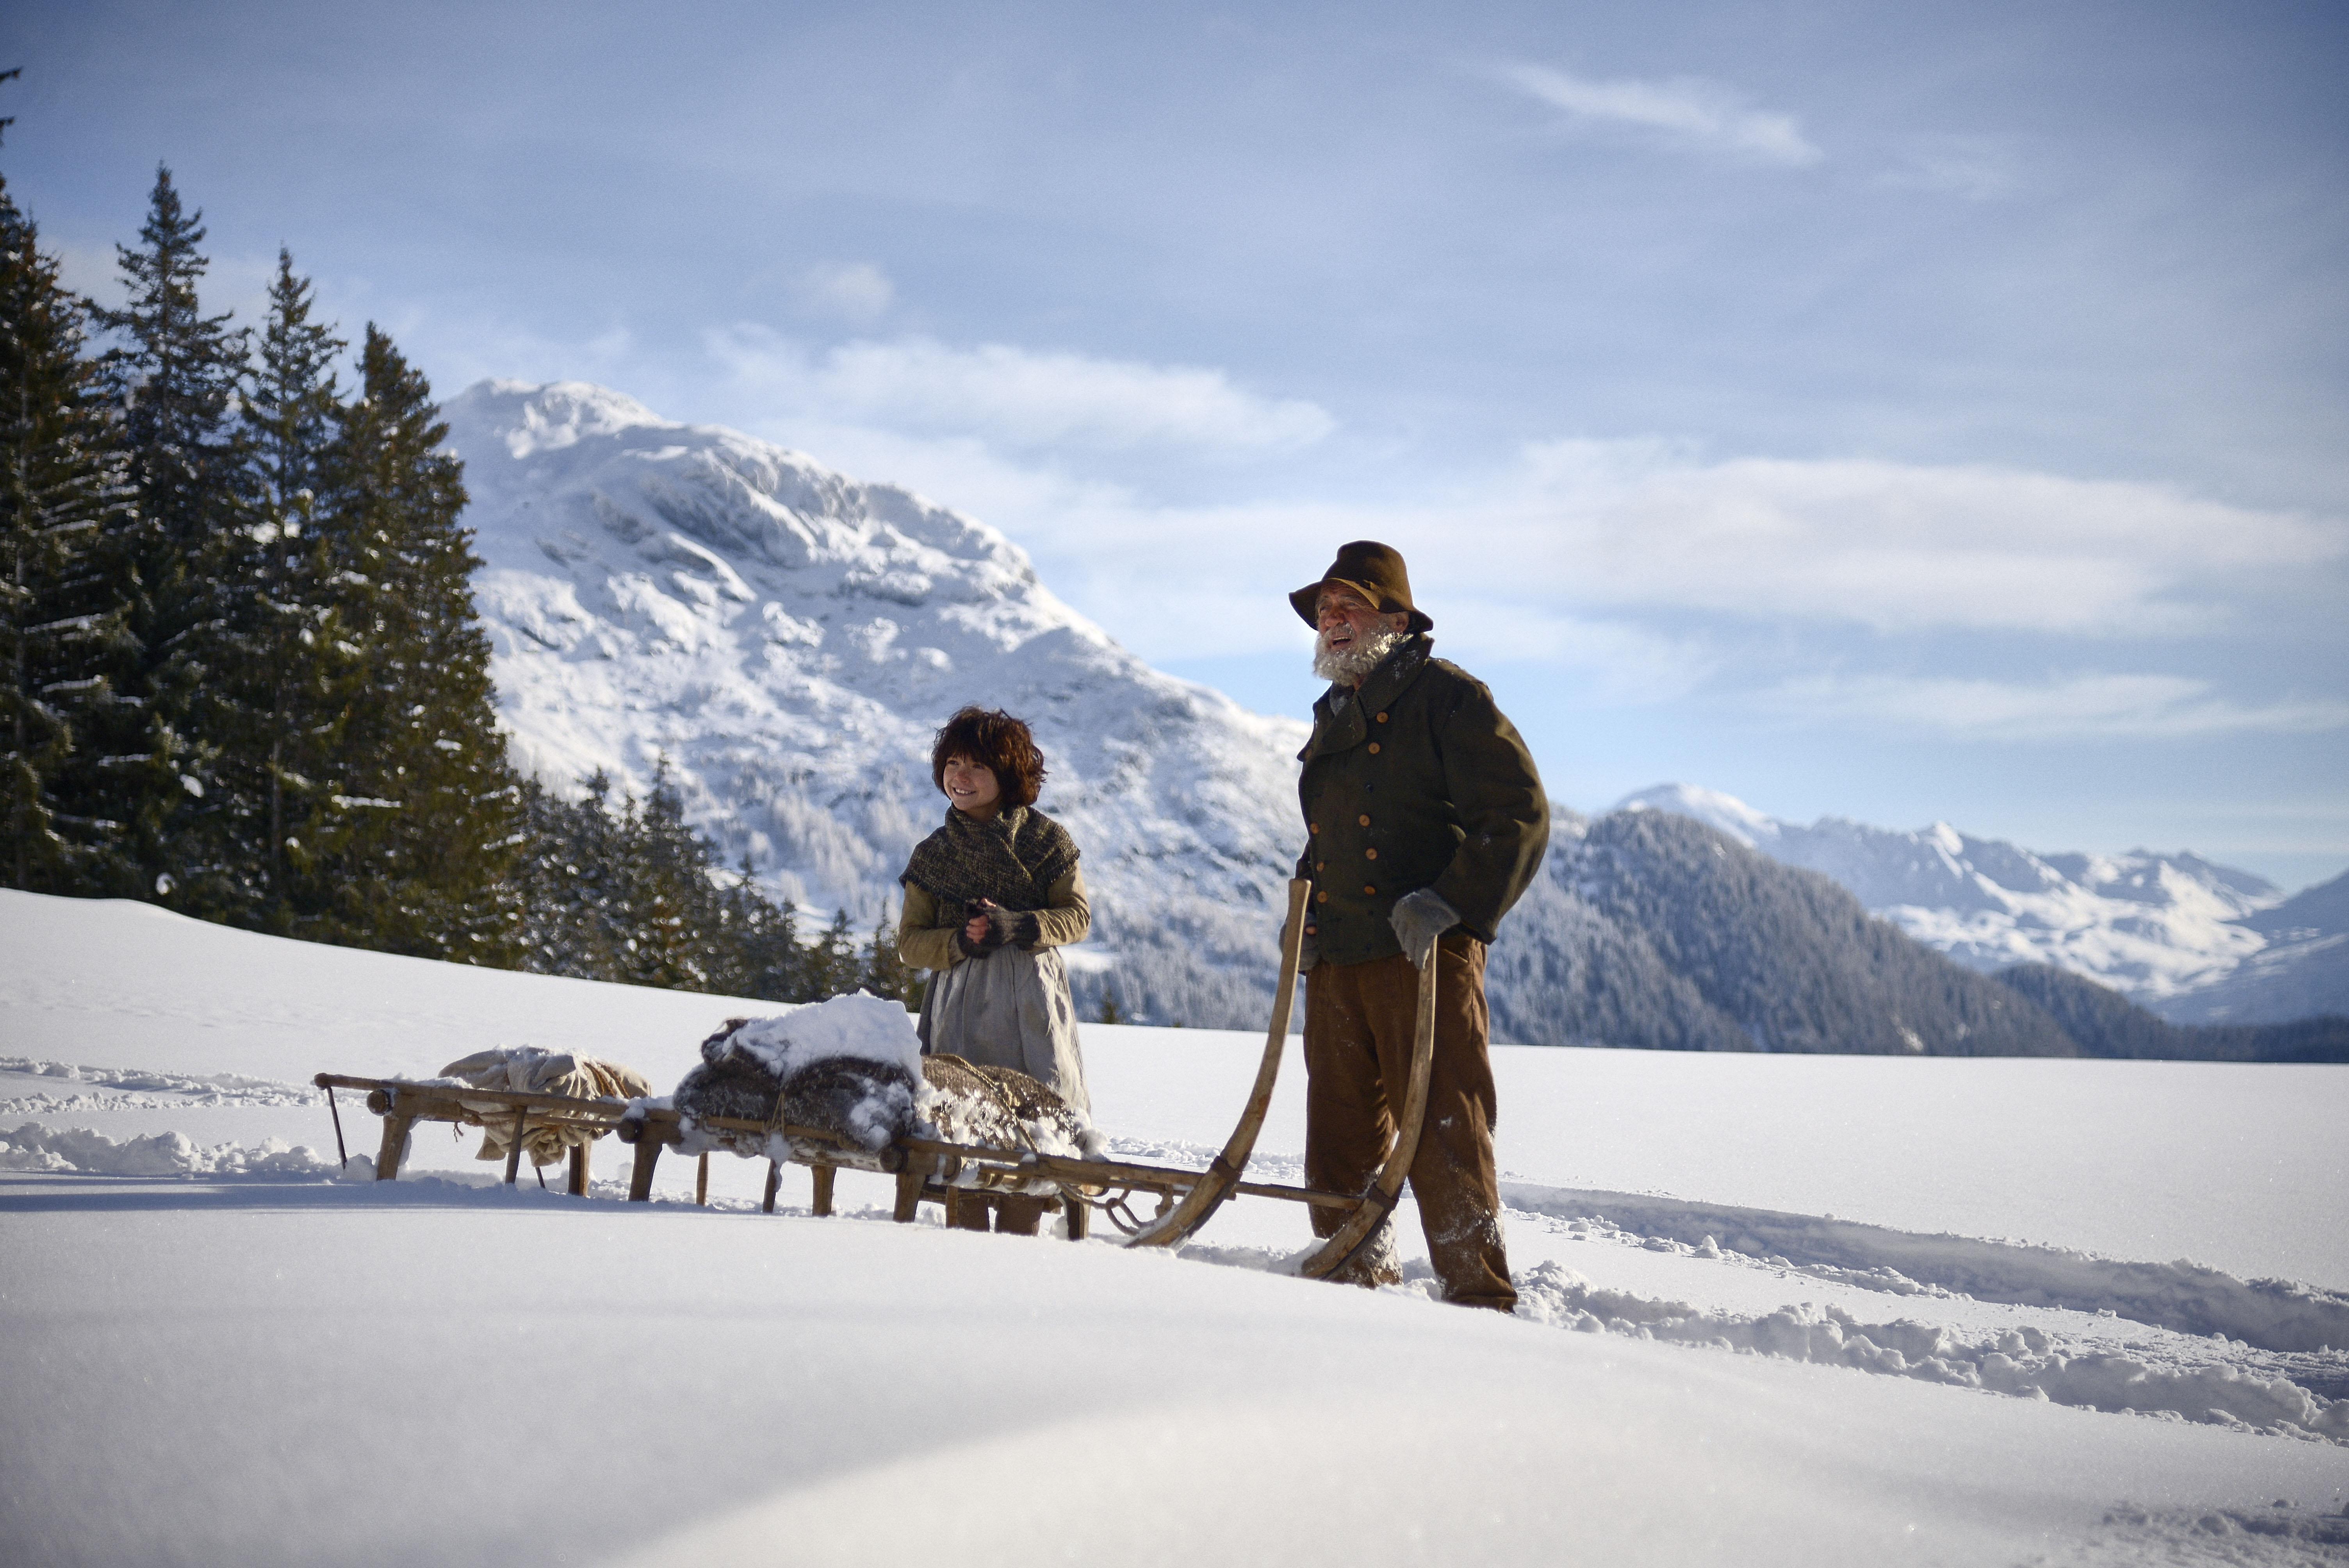 Im Winter sind Heidi (Anuk Steffen) und der Almöhi (Bruno Ganz) mit dem Schlitten unterwegs zur Alm